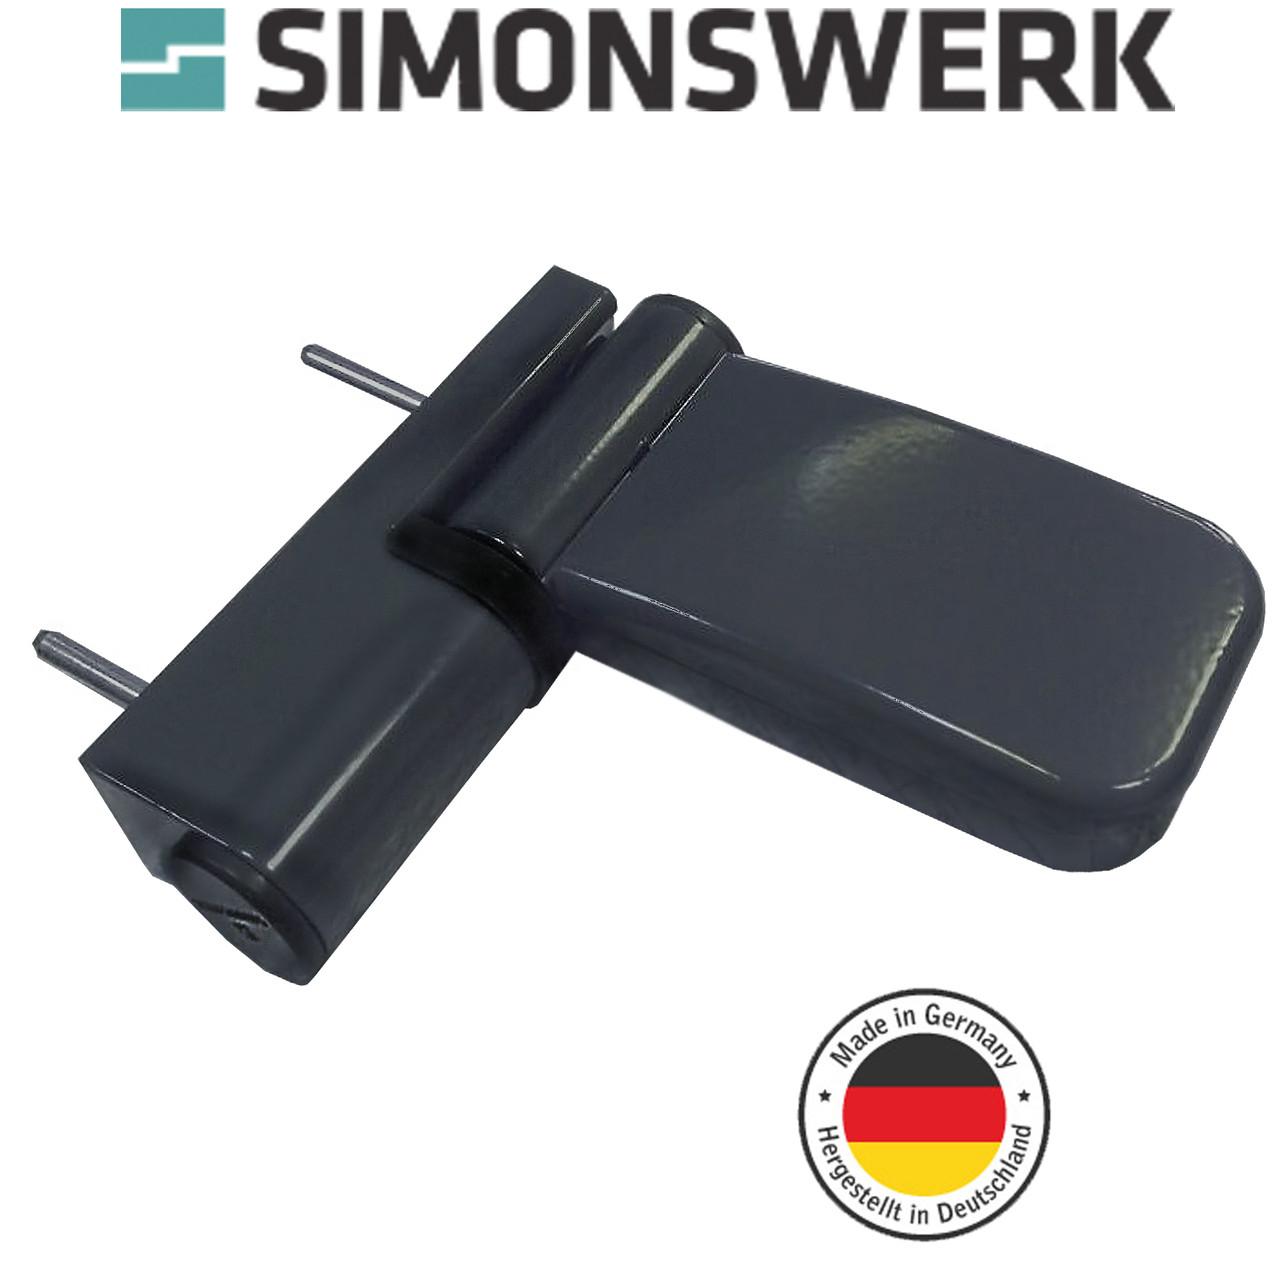 Петля дверная Simonswerk Siku 3135 антрацит RaL7016 (Германия)